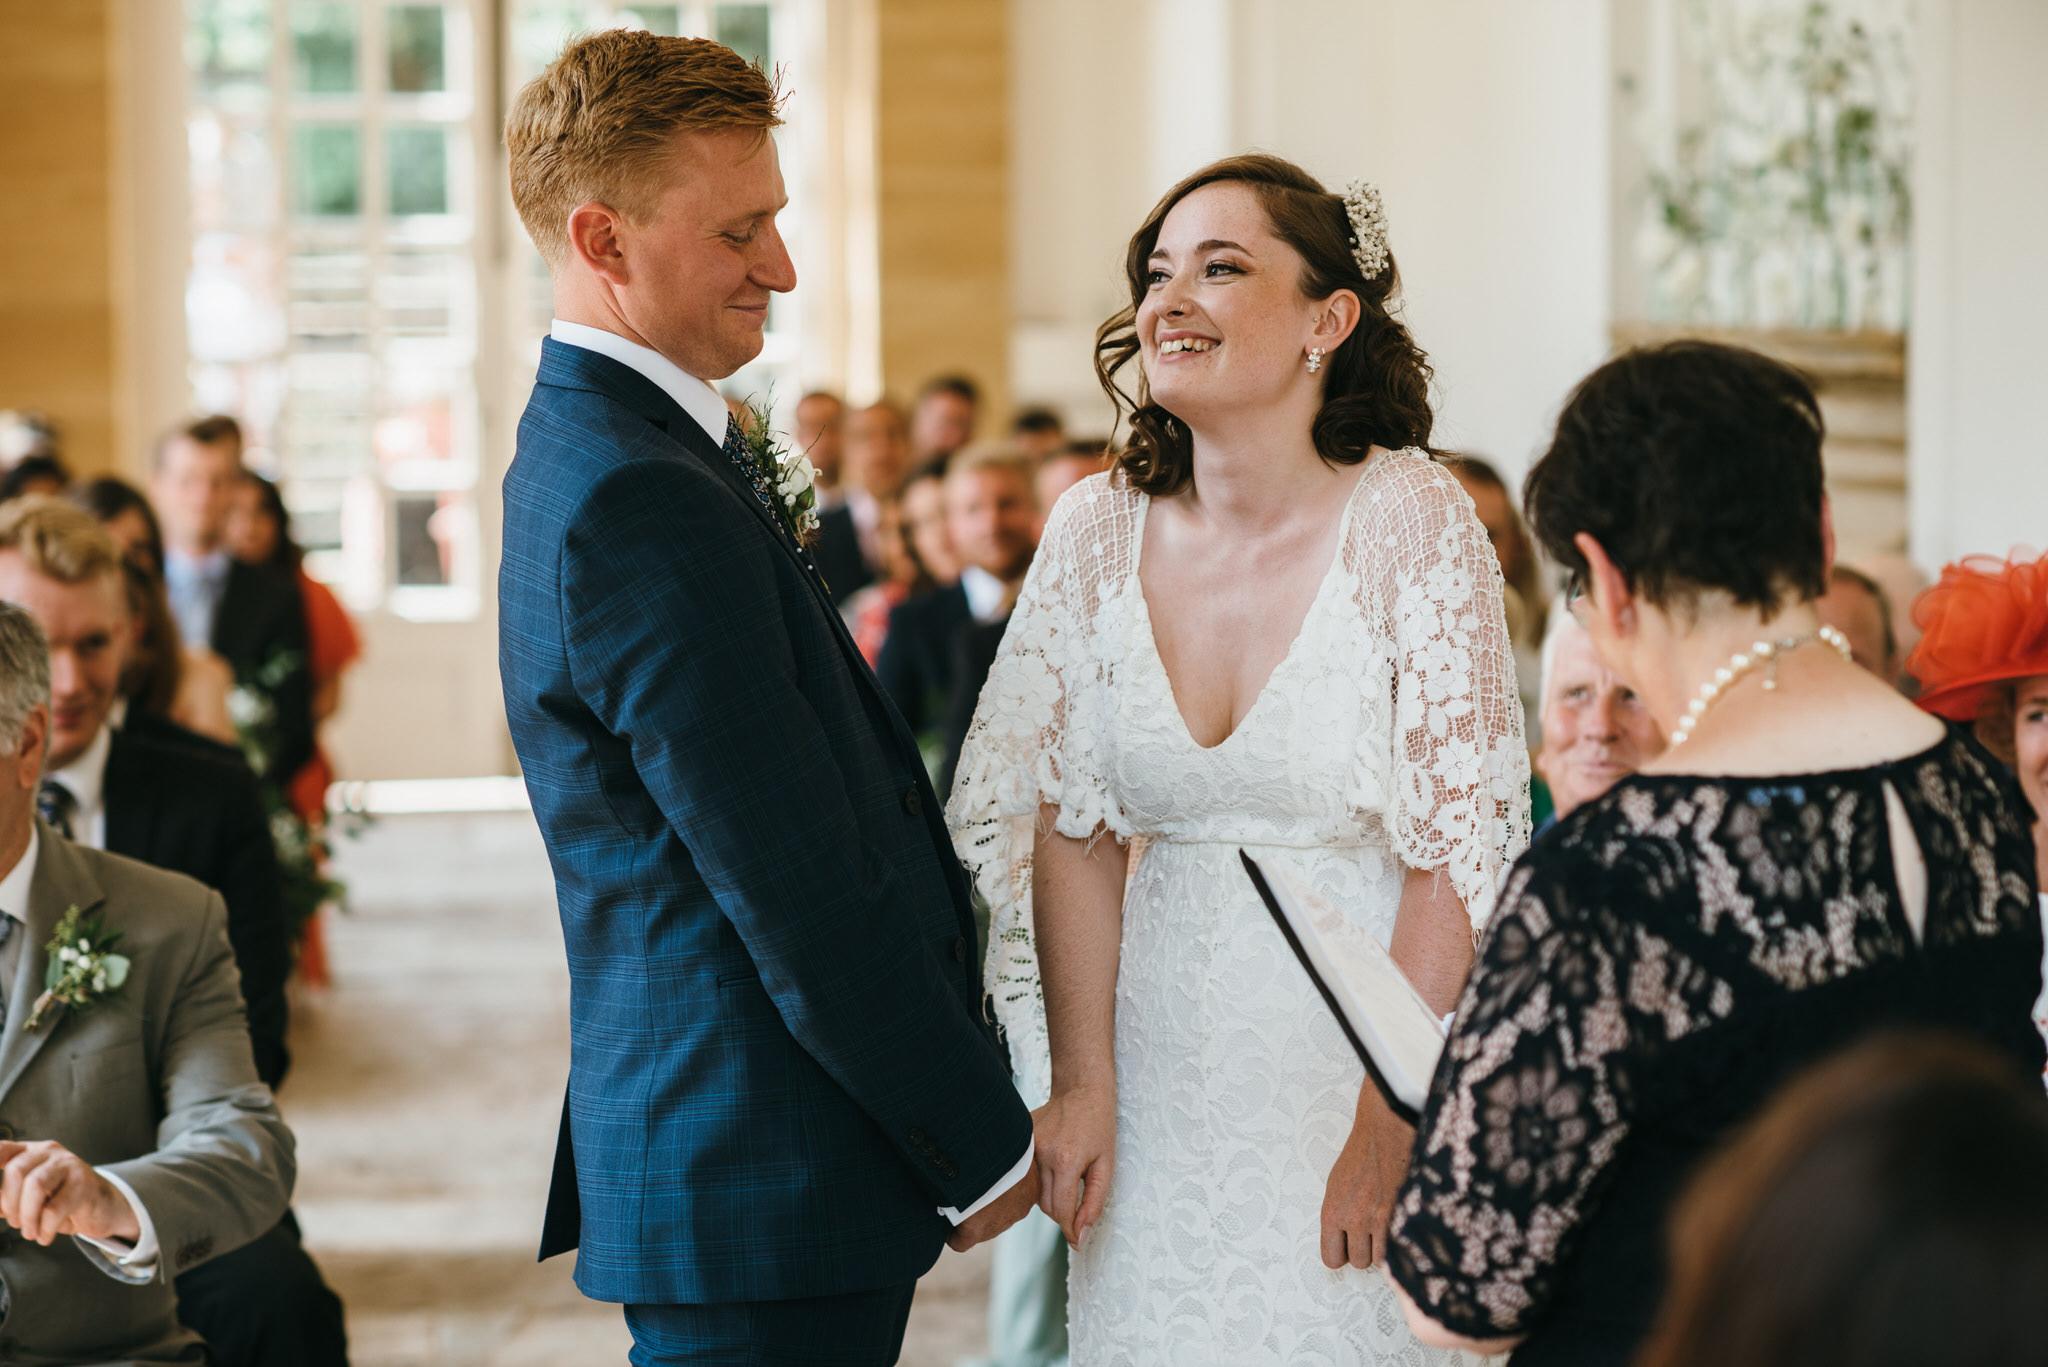 hestercombe wedding ceremony photography